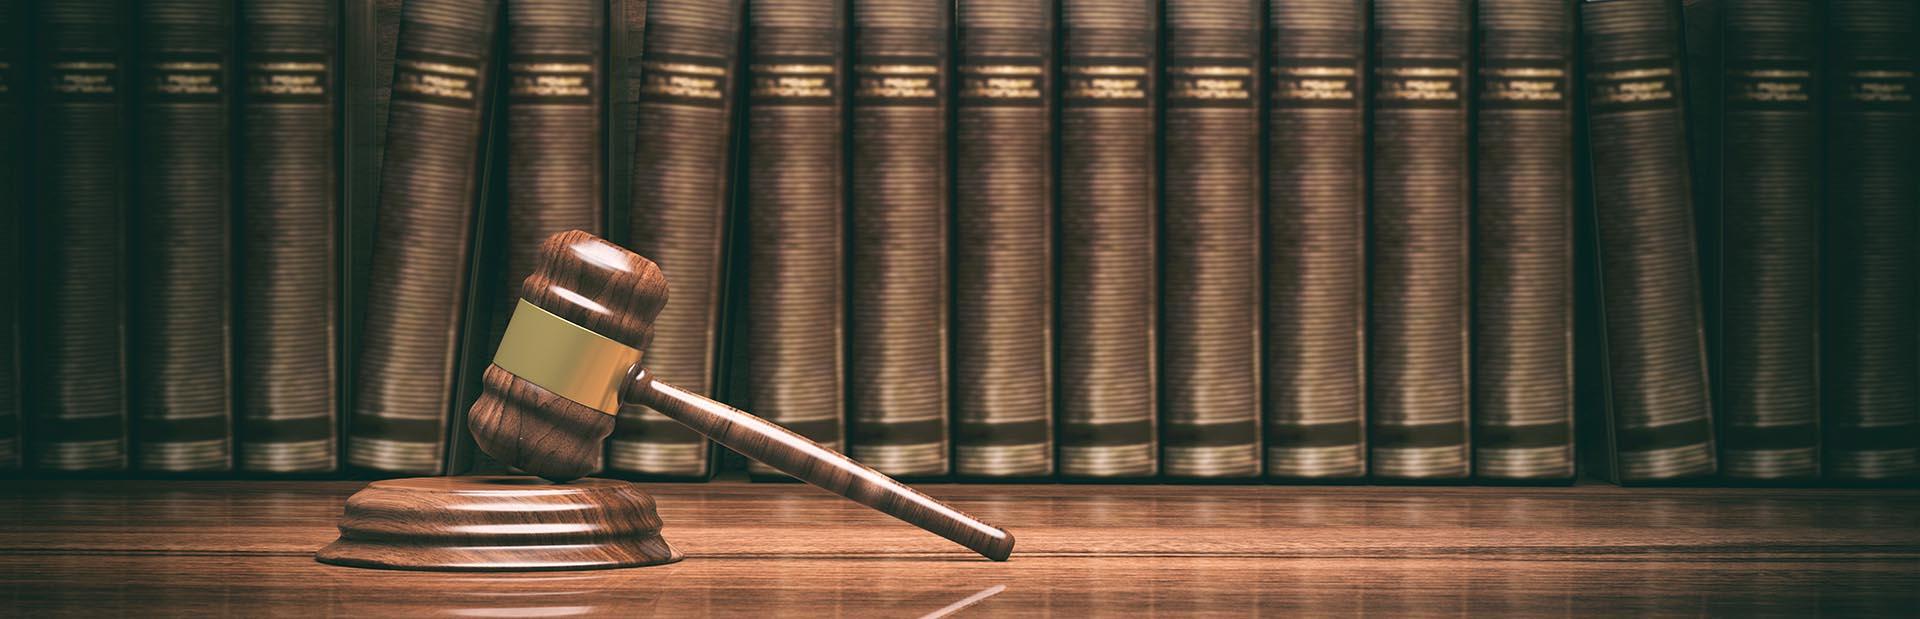 Rechtsübersetzung - Juristisches Übersetzen